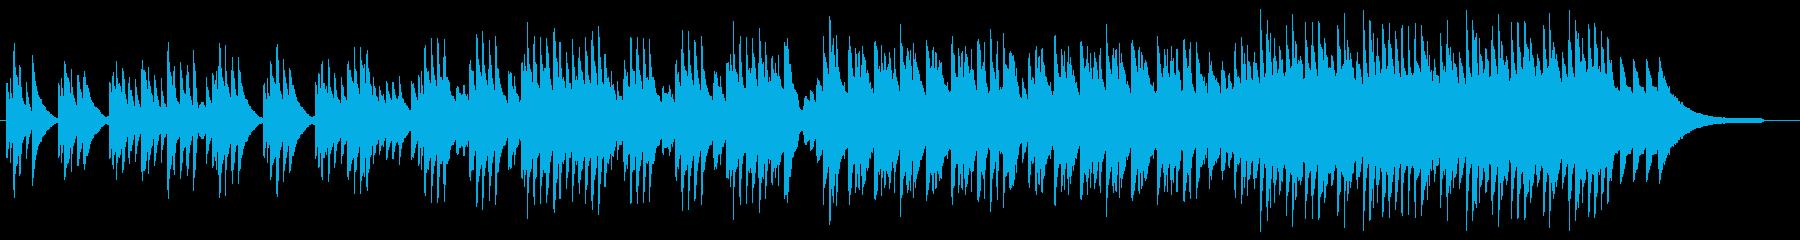 初恋を表現したピアノソロ曲の再生済みの波形